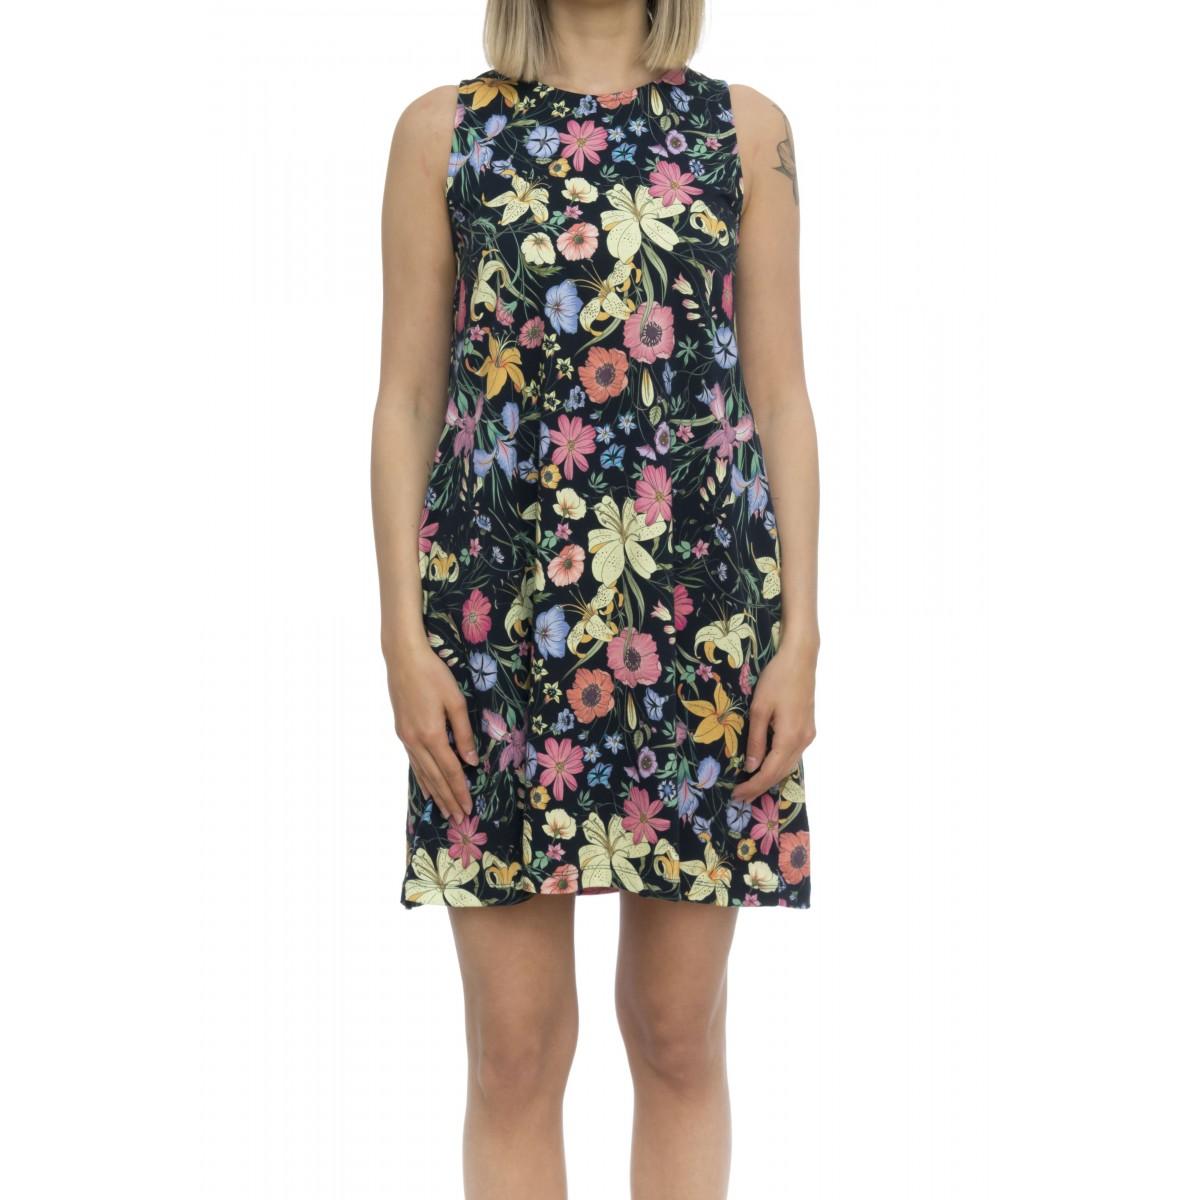 Vestito - T19204 vestito senza maniche stampa